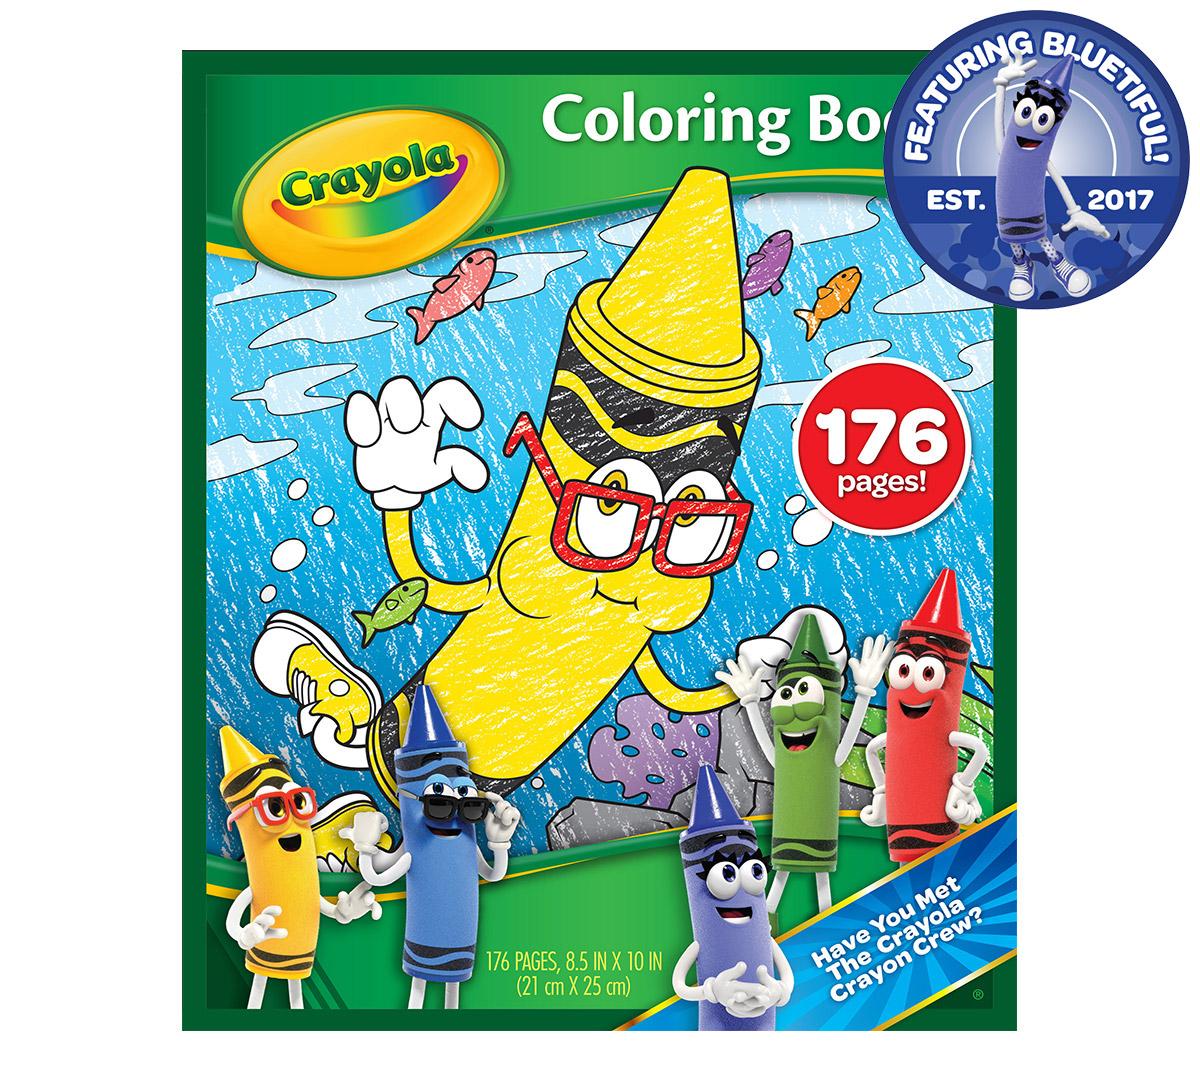 Bluetiful Crayon Coloring Book 176 Pages Crayola Com Crayola